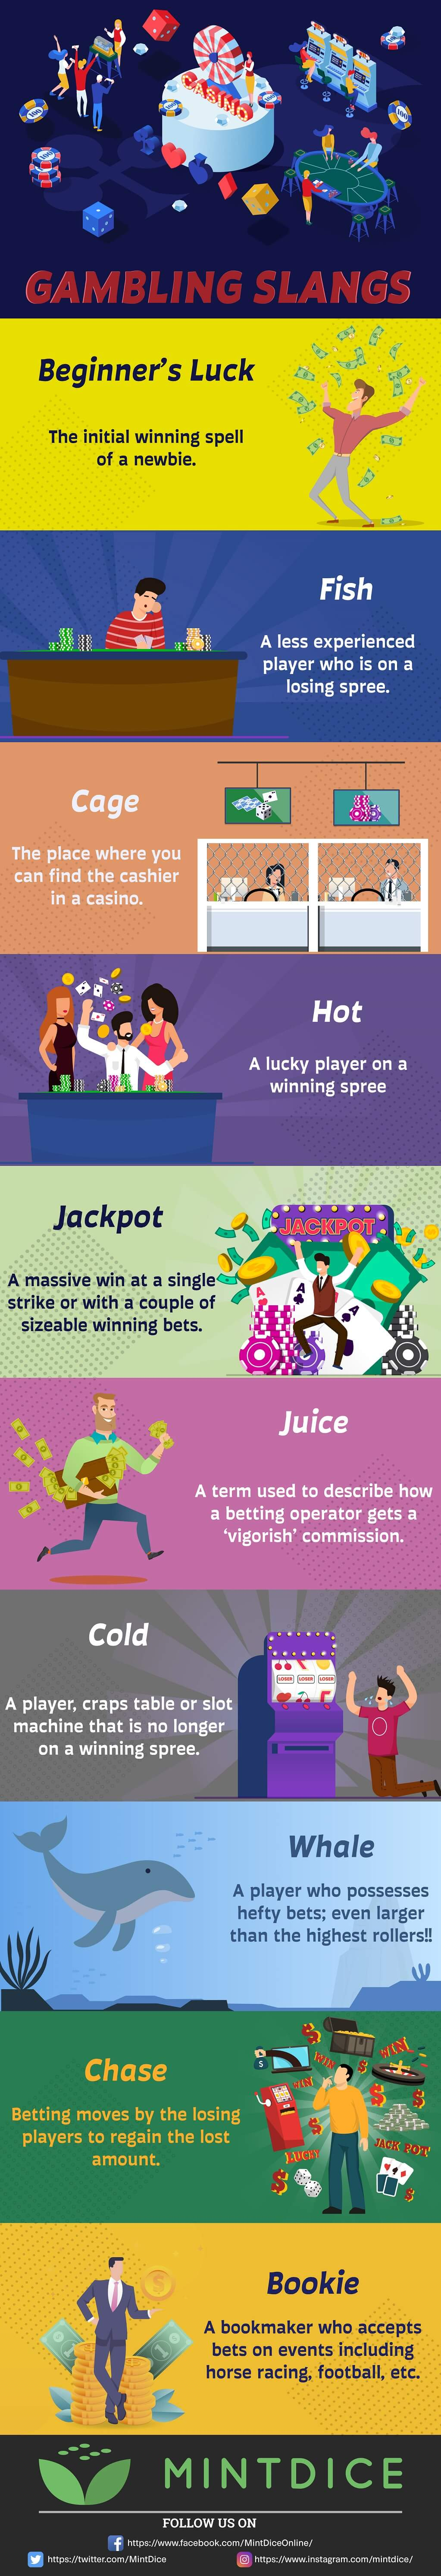 Gambling Slang